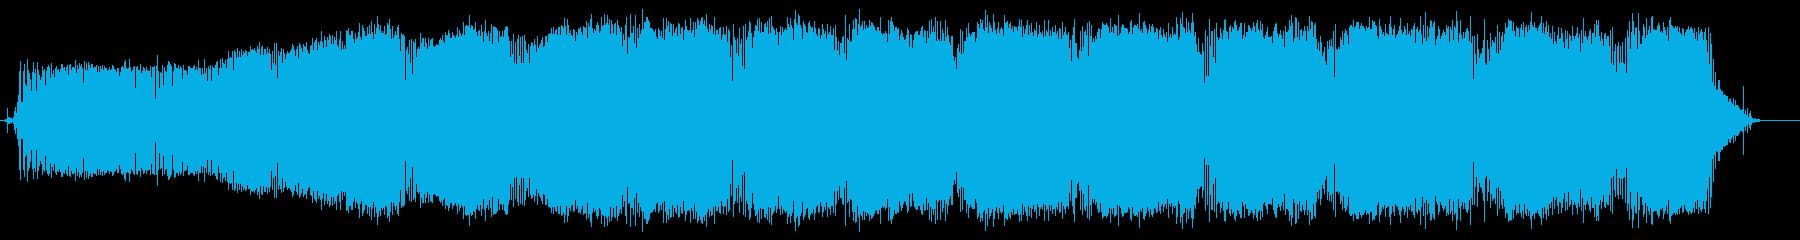 船外機(起動、運転、停止)の再生済みの波形